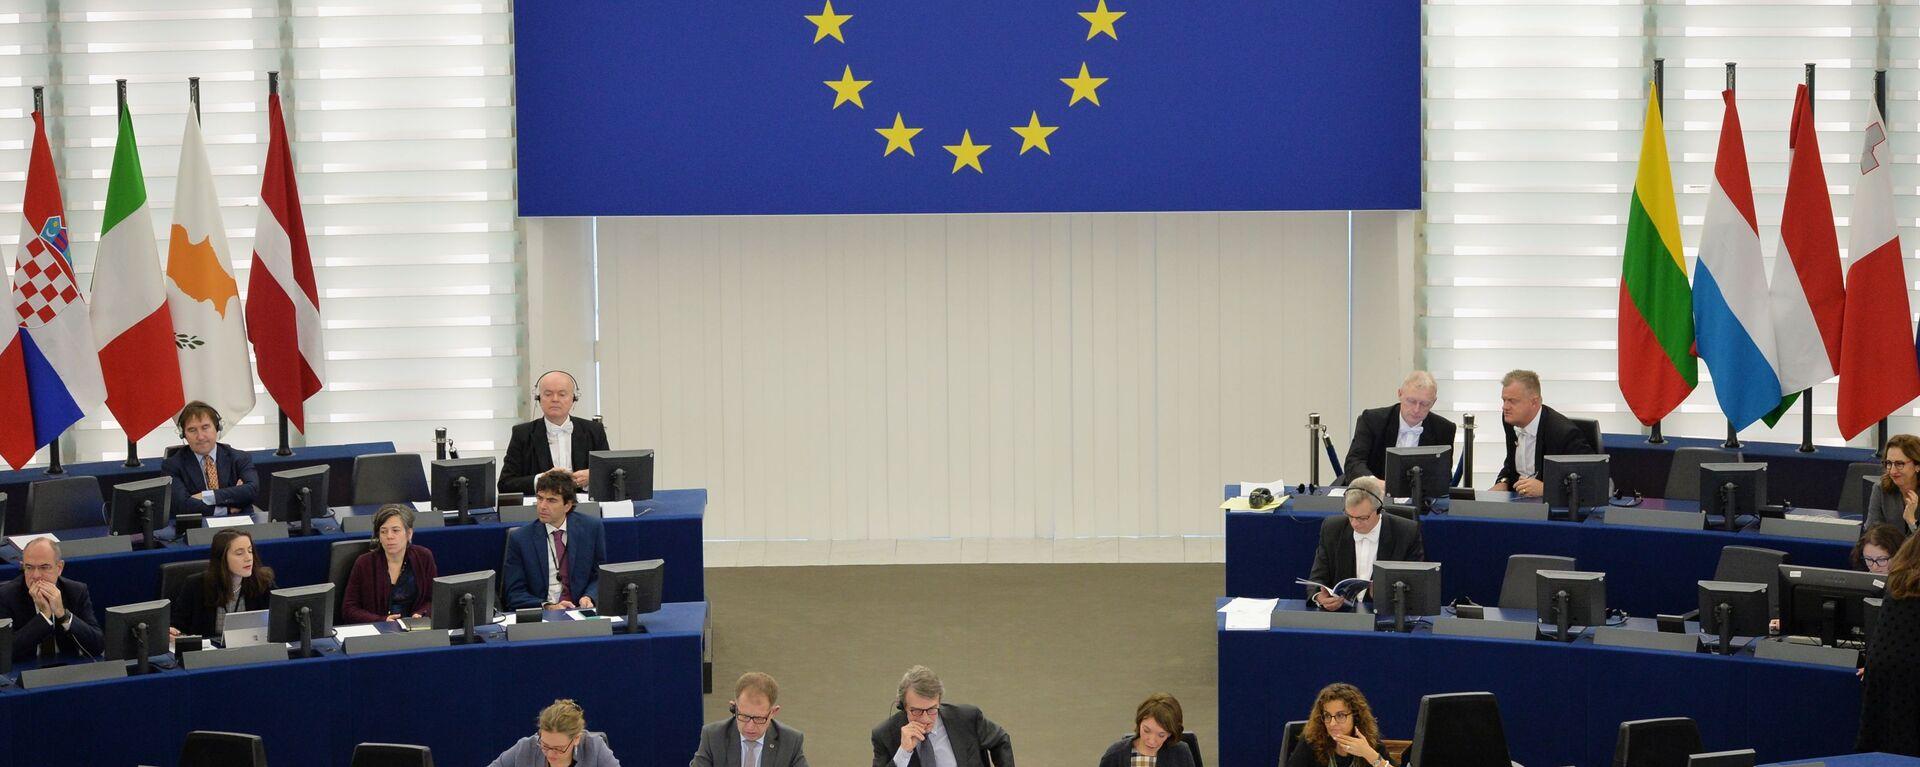 Депутаты на пленарной сессии Европейского парламента, архивное фото - Sputnik Латвия, 1920, 29.04.2021